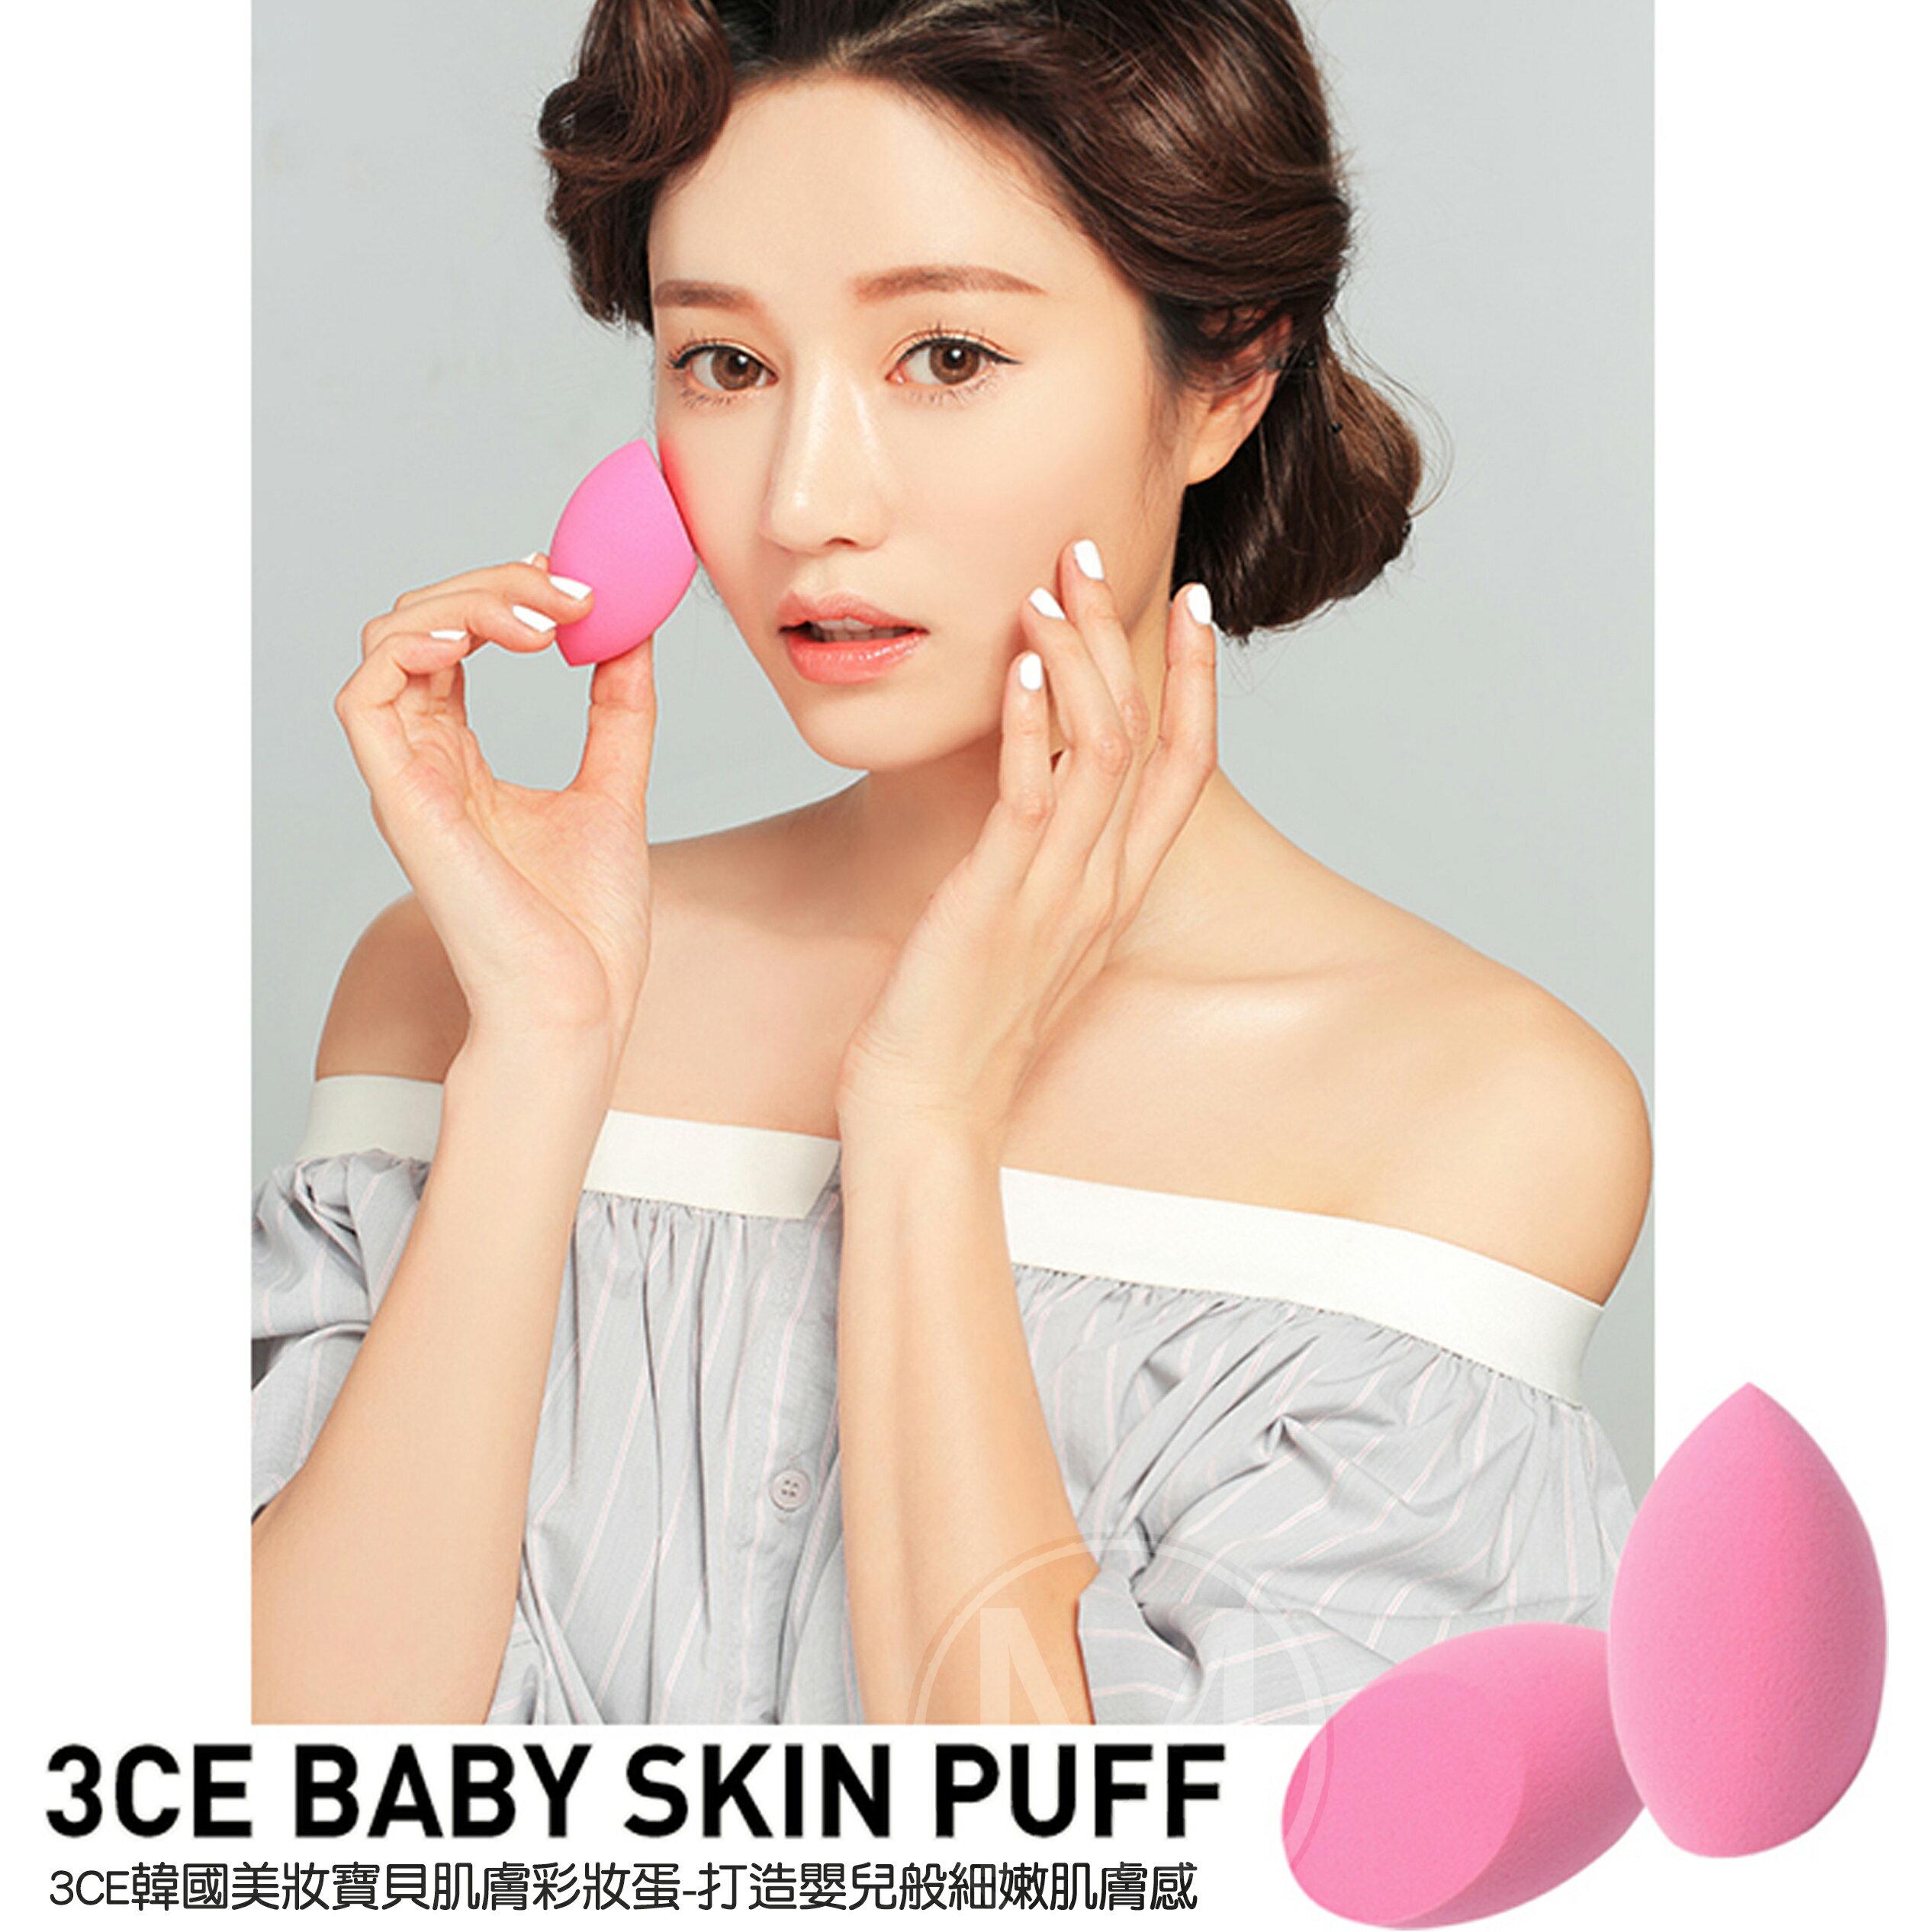 水滴型海綿粉撲▸韓國3ce美妝蛋化妝蛋彩妝蛋化妝棉Stylenanda袋裝